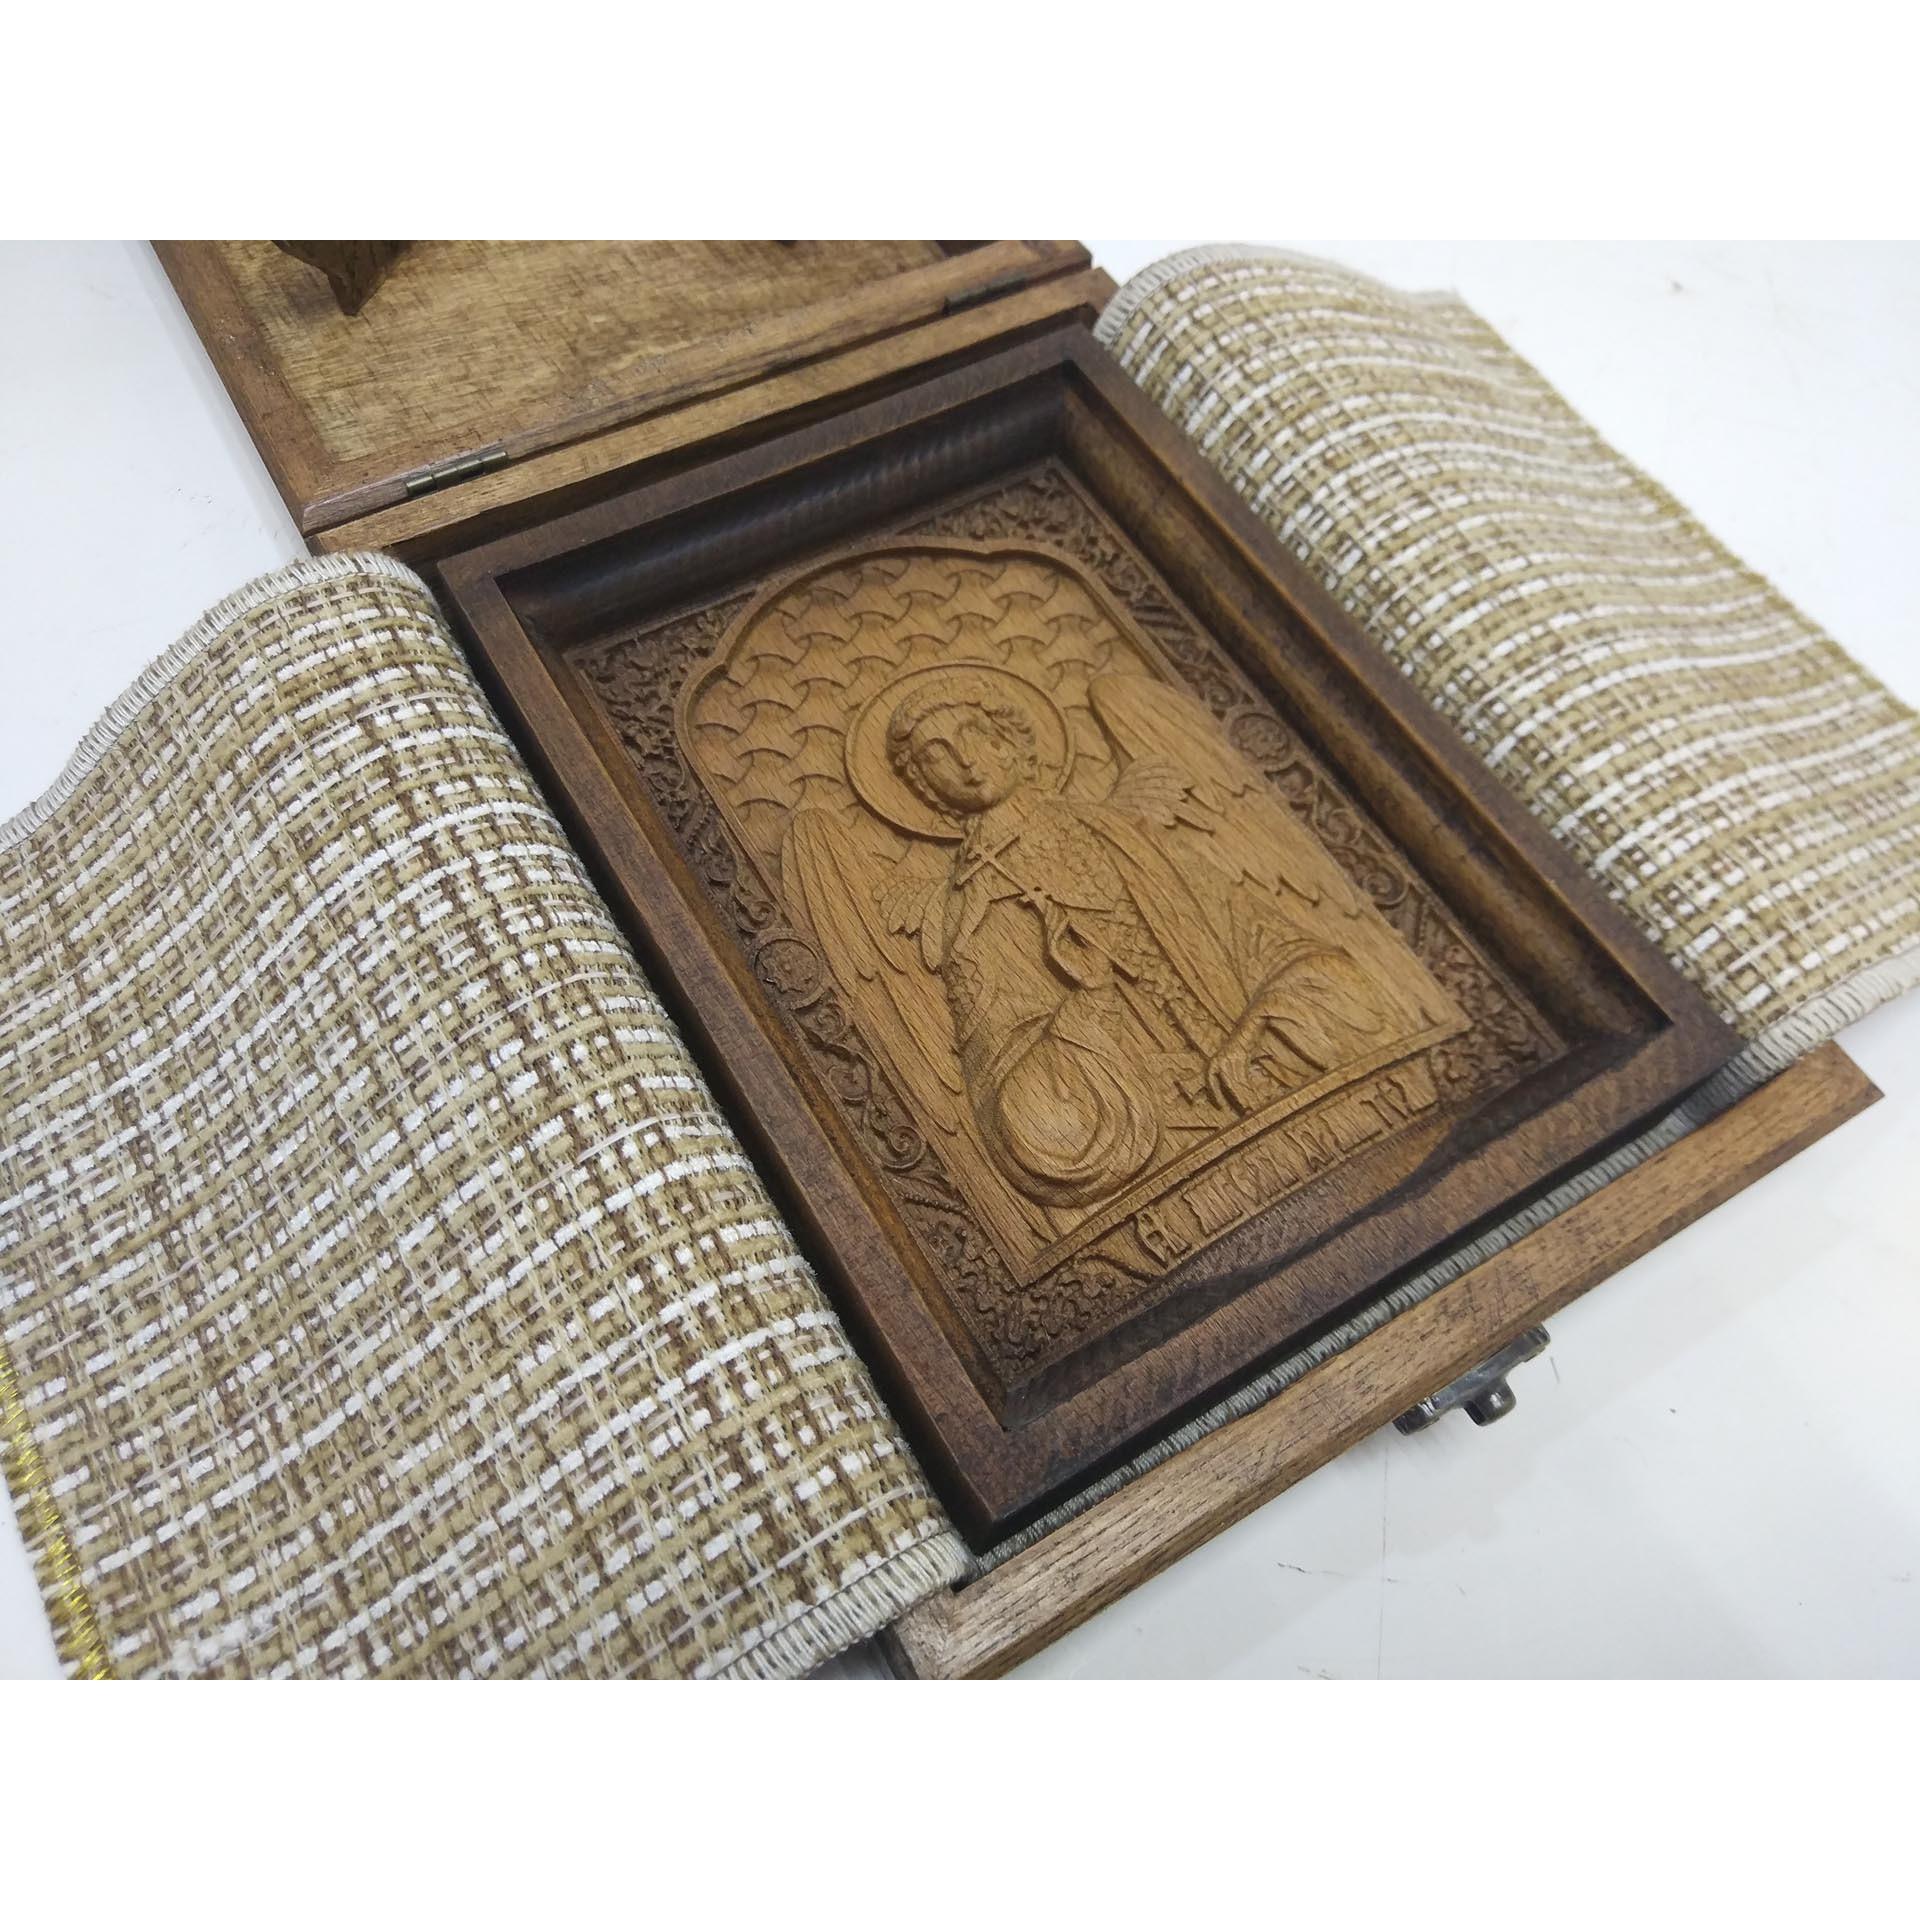 Фото на покрове маленькой резной иконы святого Ангела Хранителя